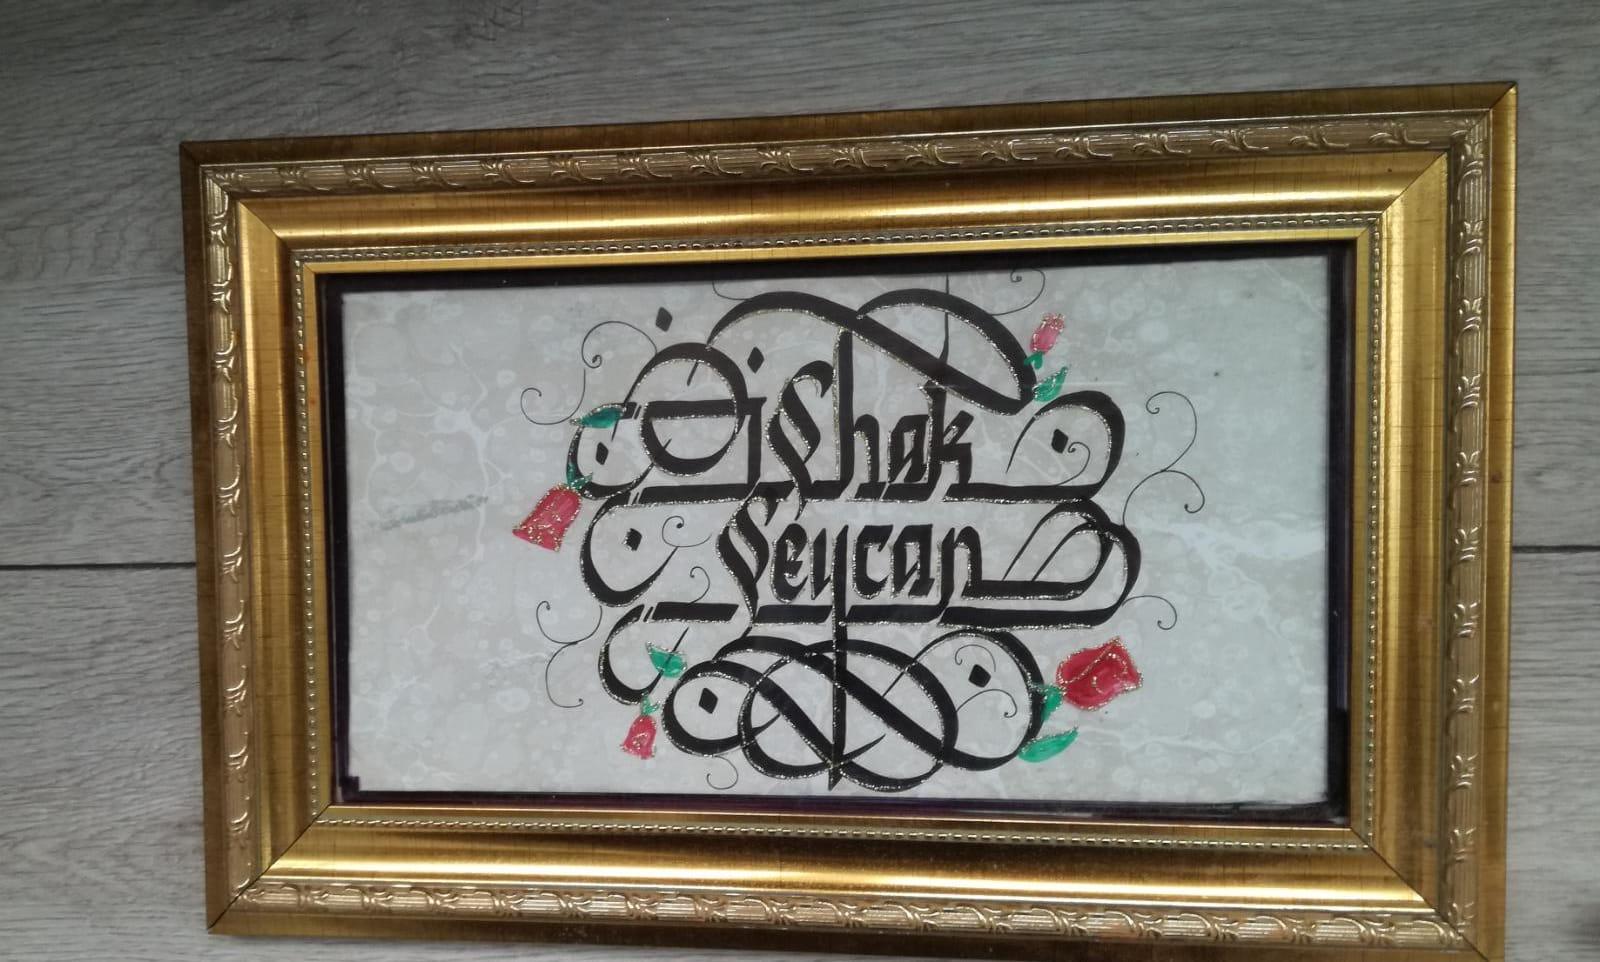 ayet yazılı tablo, osmanlıca hat yazı tablo, arapça hat yazılı tablo, türkçe kaligrafi yazılı tablo, isim yazılı tablo fiyat